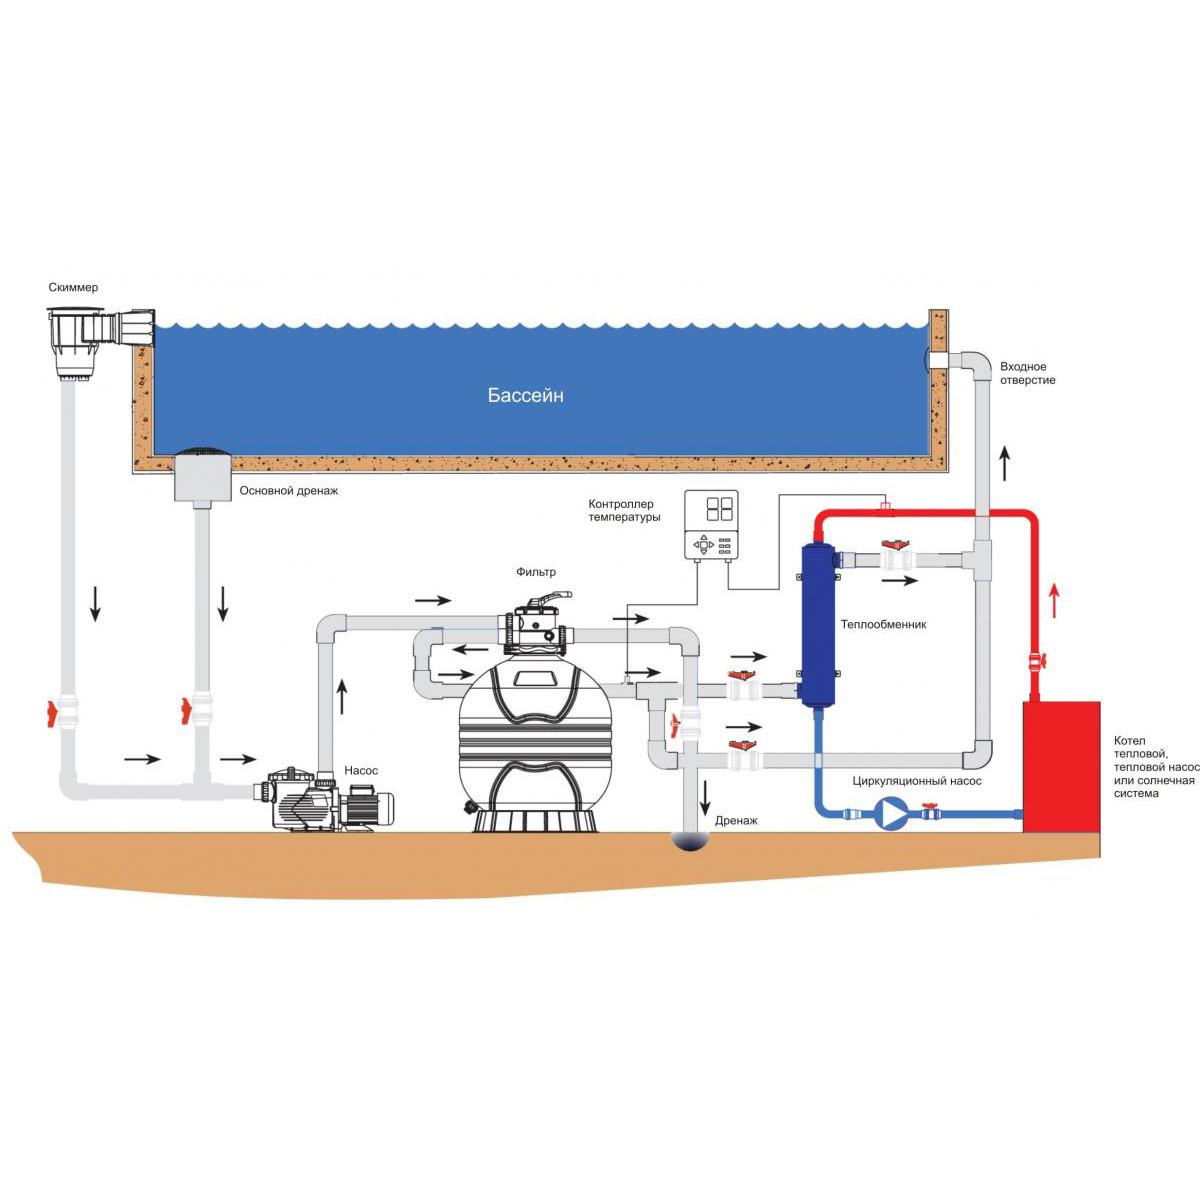 Схема подключения теплообменника в бассейн